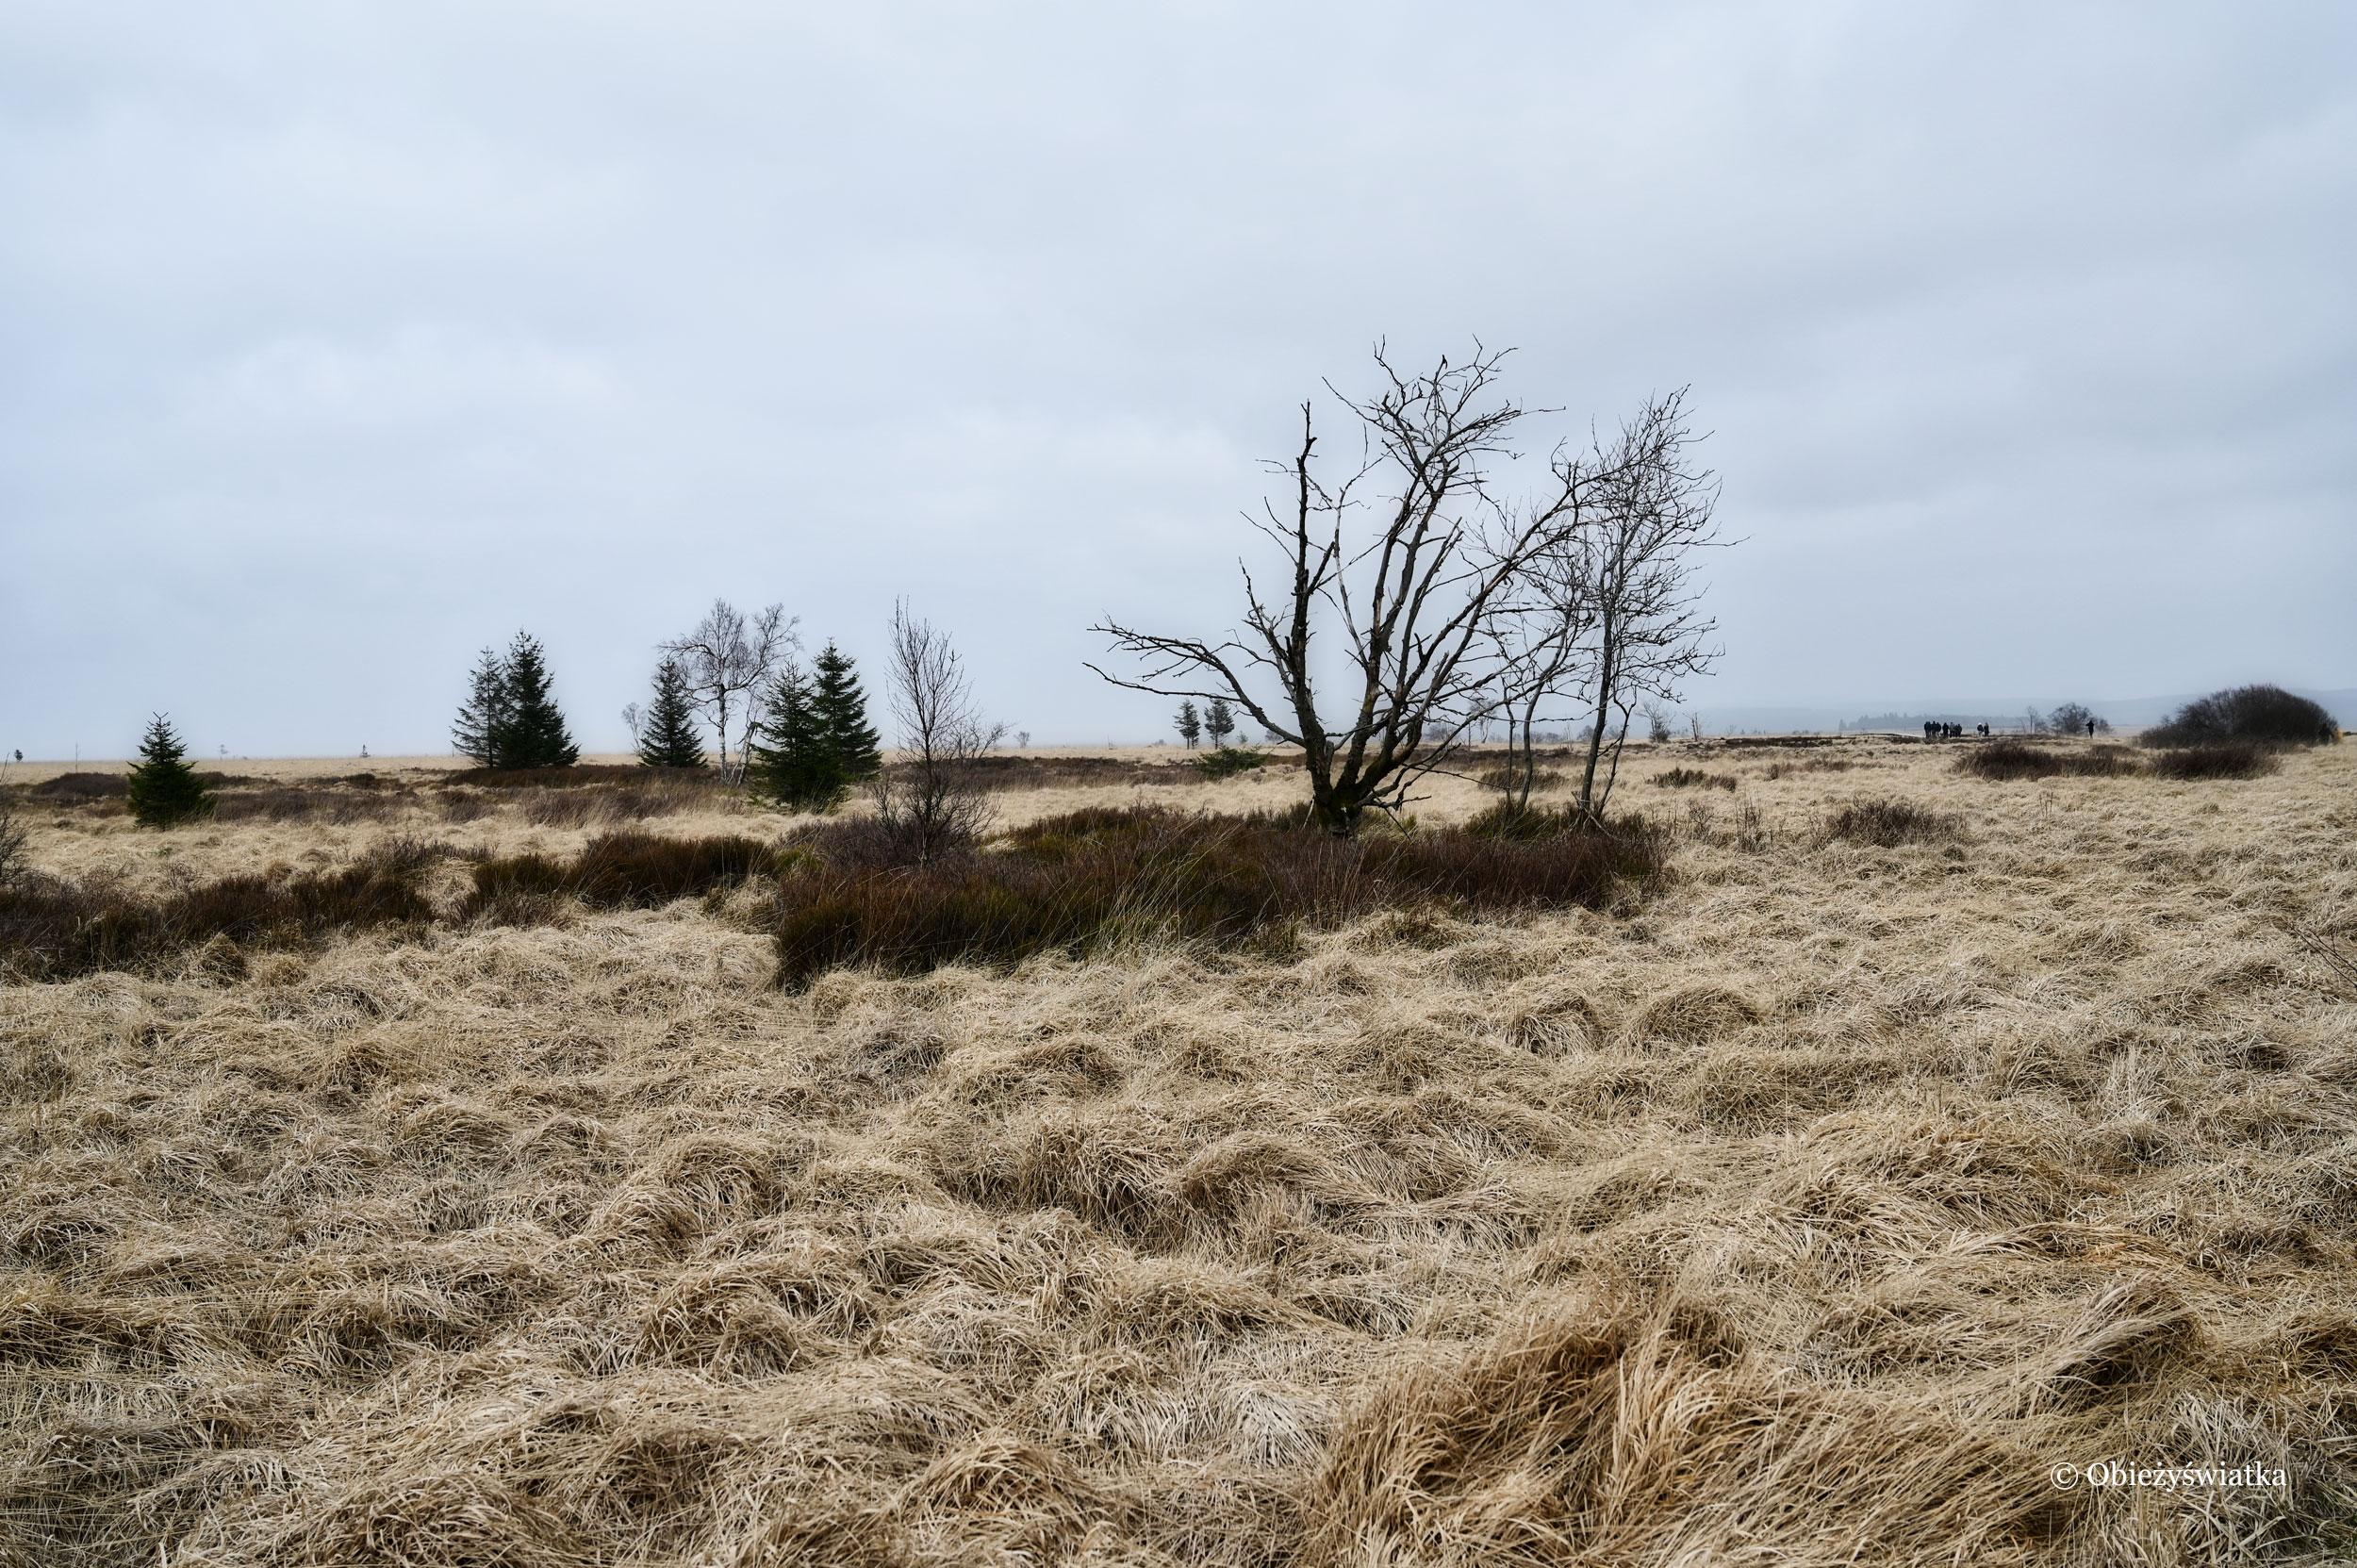 Miękkie trawy i pojedyncze drzewa - typowy krajobraz Hohes Venn, Belgia